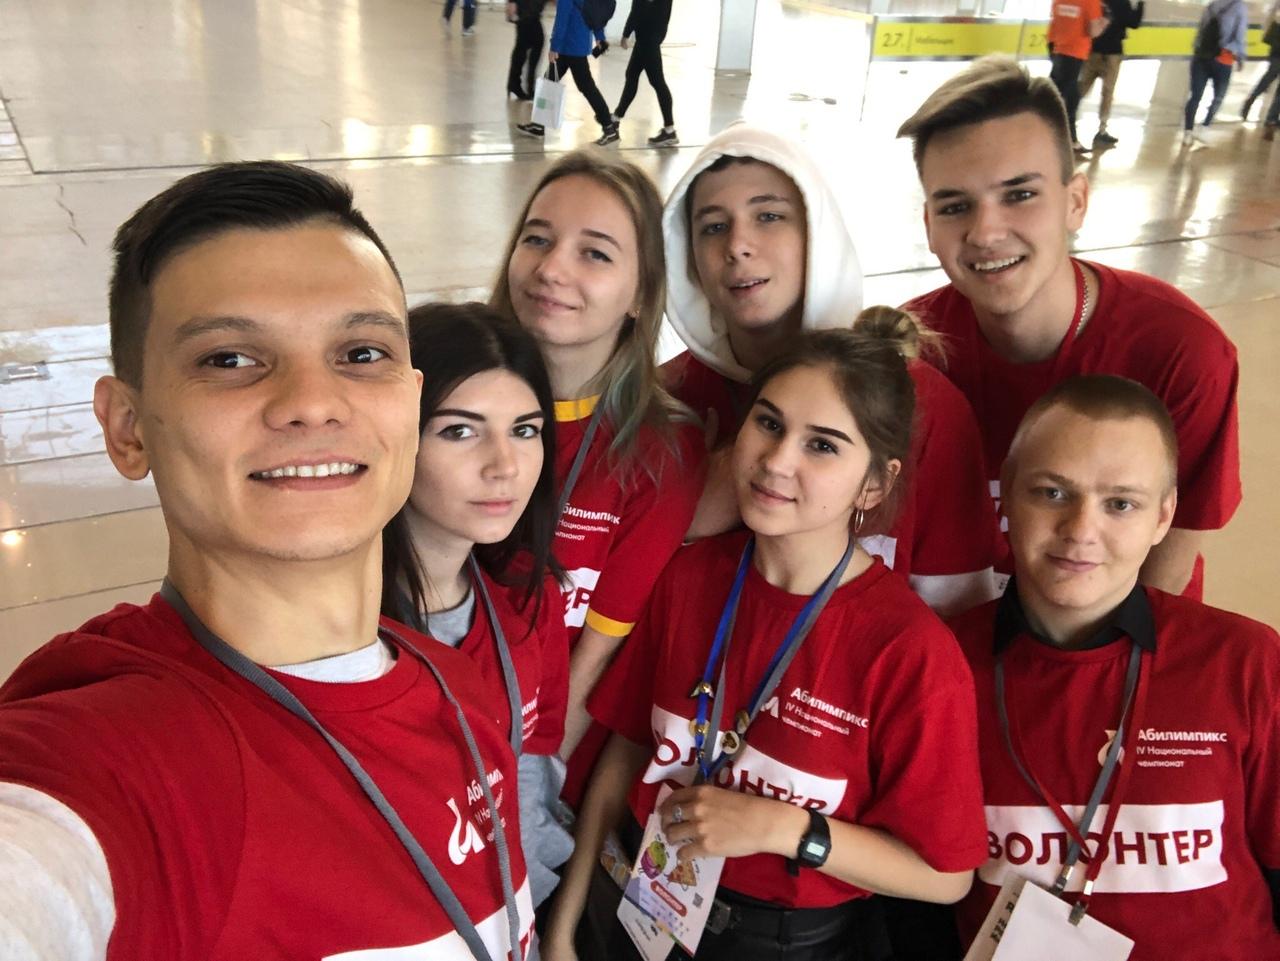 Студенты-волонтеры работали в Москве на чемпионате «Абилимпикс»